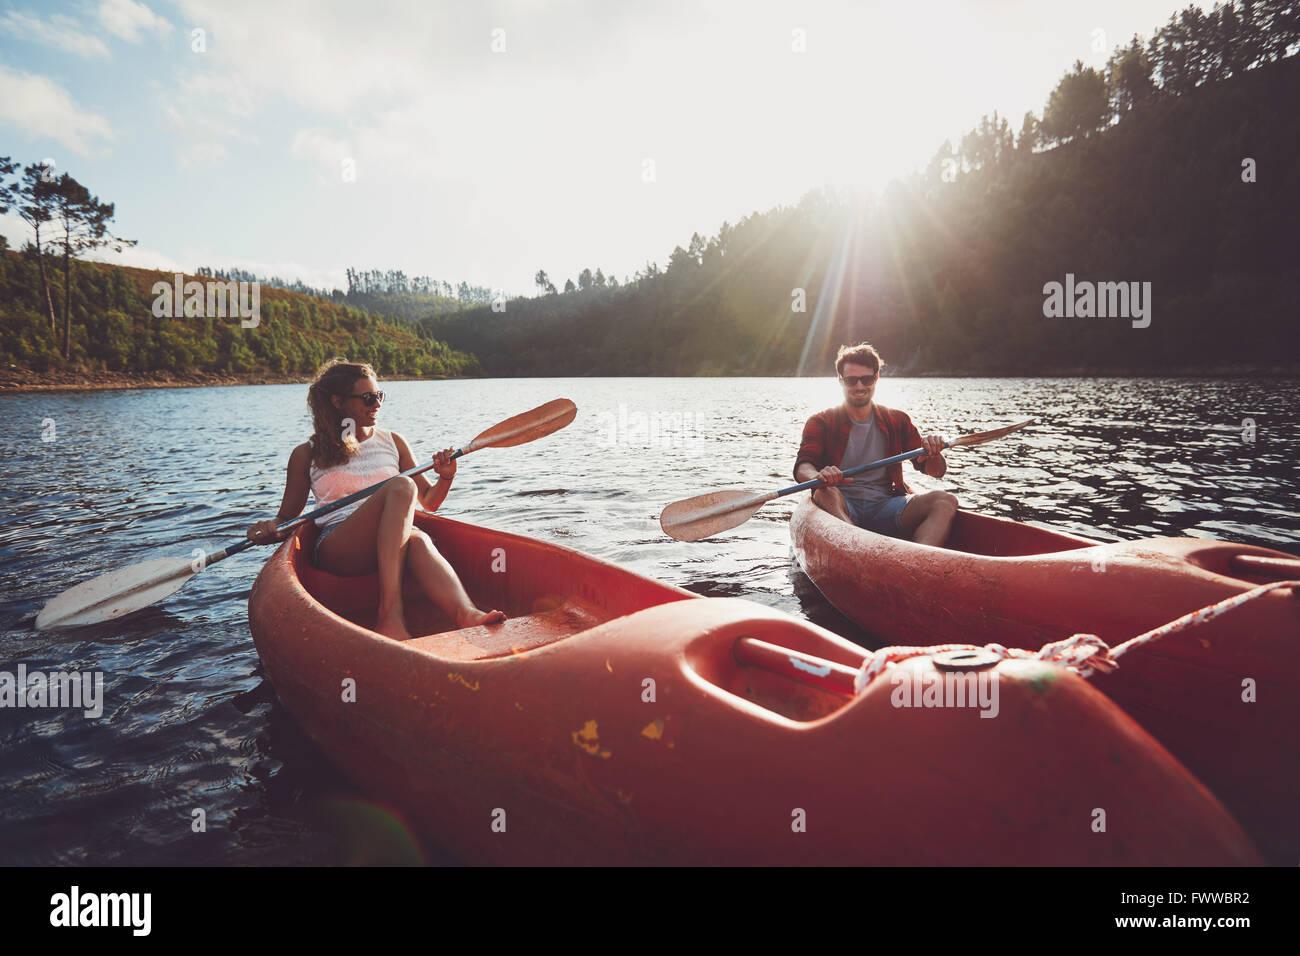 Pareja joven en kayak en un lago juntos en un día de verano. Hombre y mujer canotaje en un día soleado. Imagen De Stock